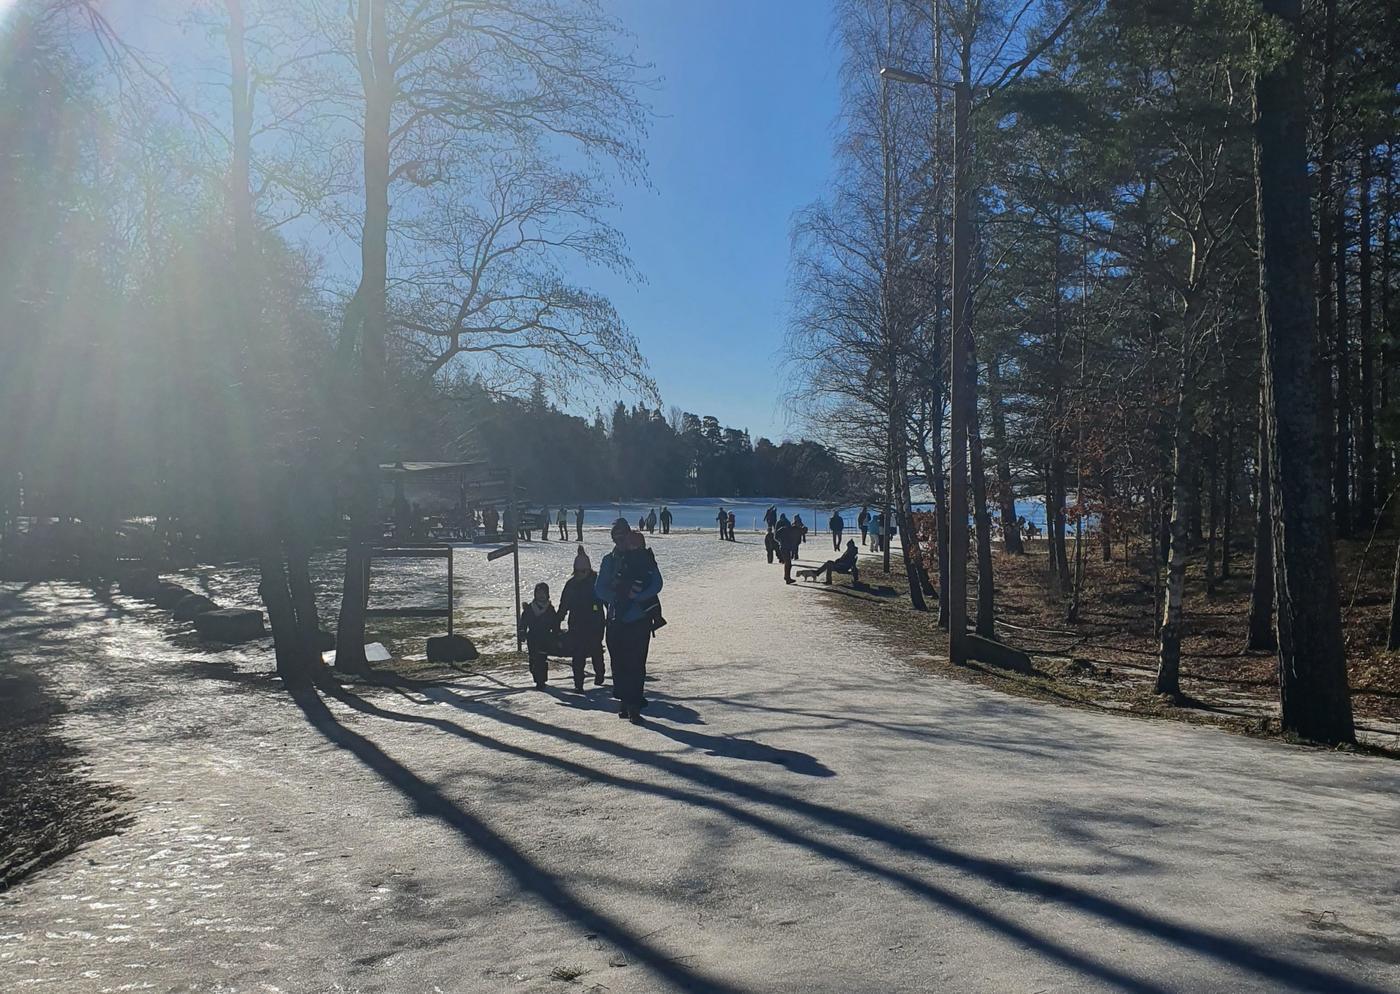 Många människor på en snöig strand.